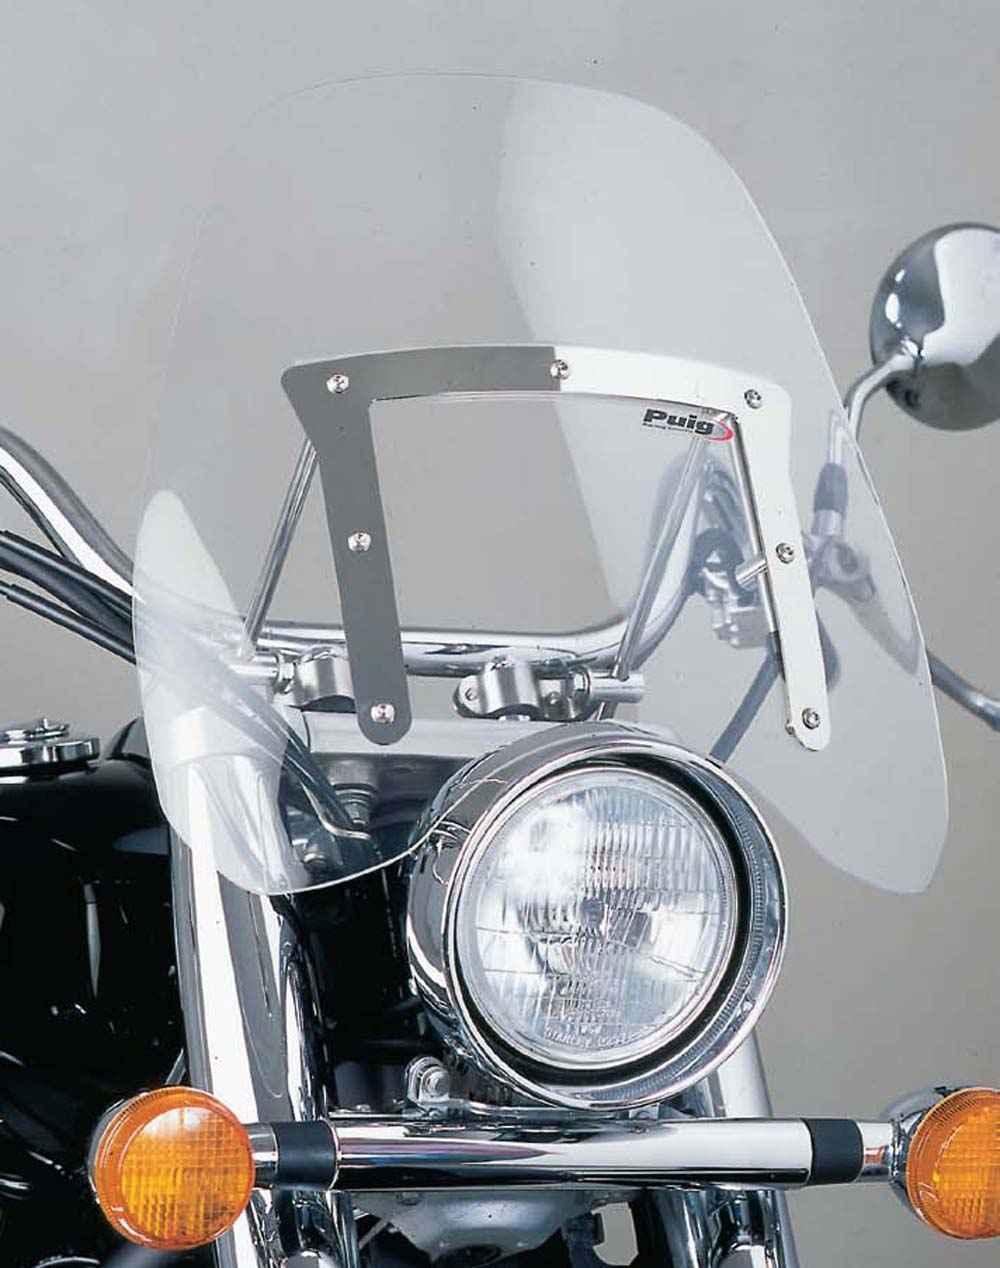 Parabrisas para descapotable Deflector de Aire Deflector de Viento - Negro TiefTech Deflector de Viento para Mercedes SLK 172 Descapotable 2011 en adelante